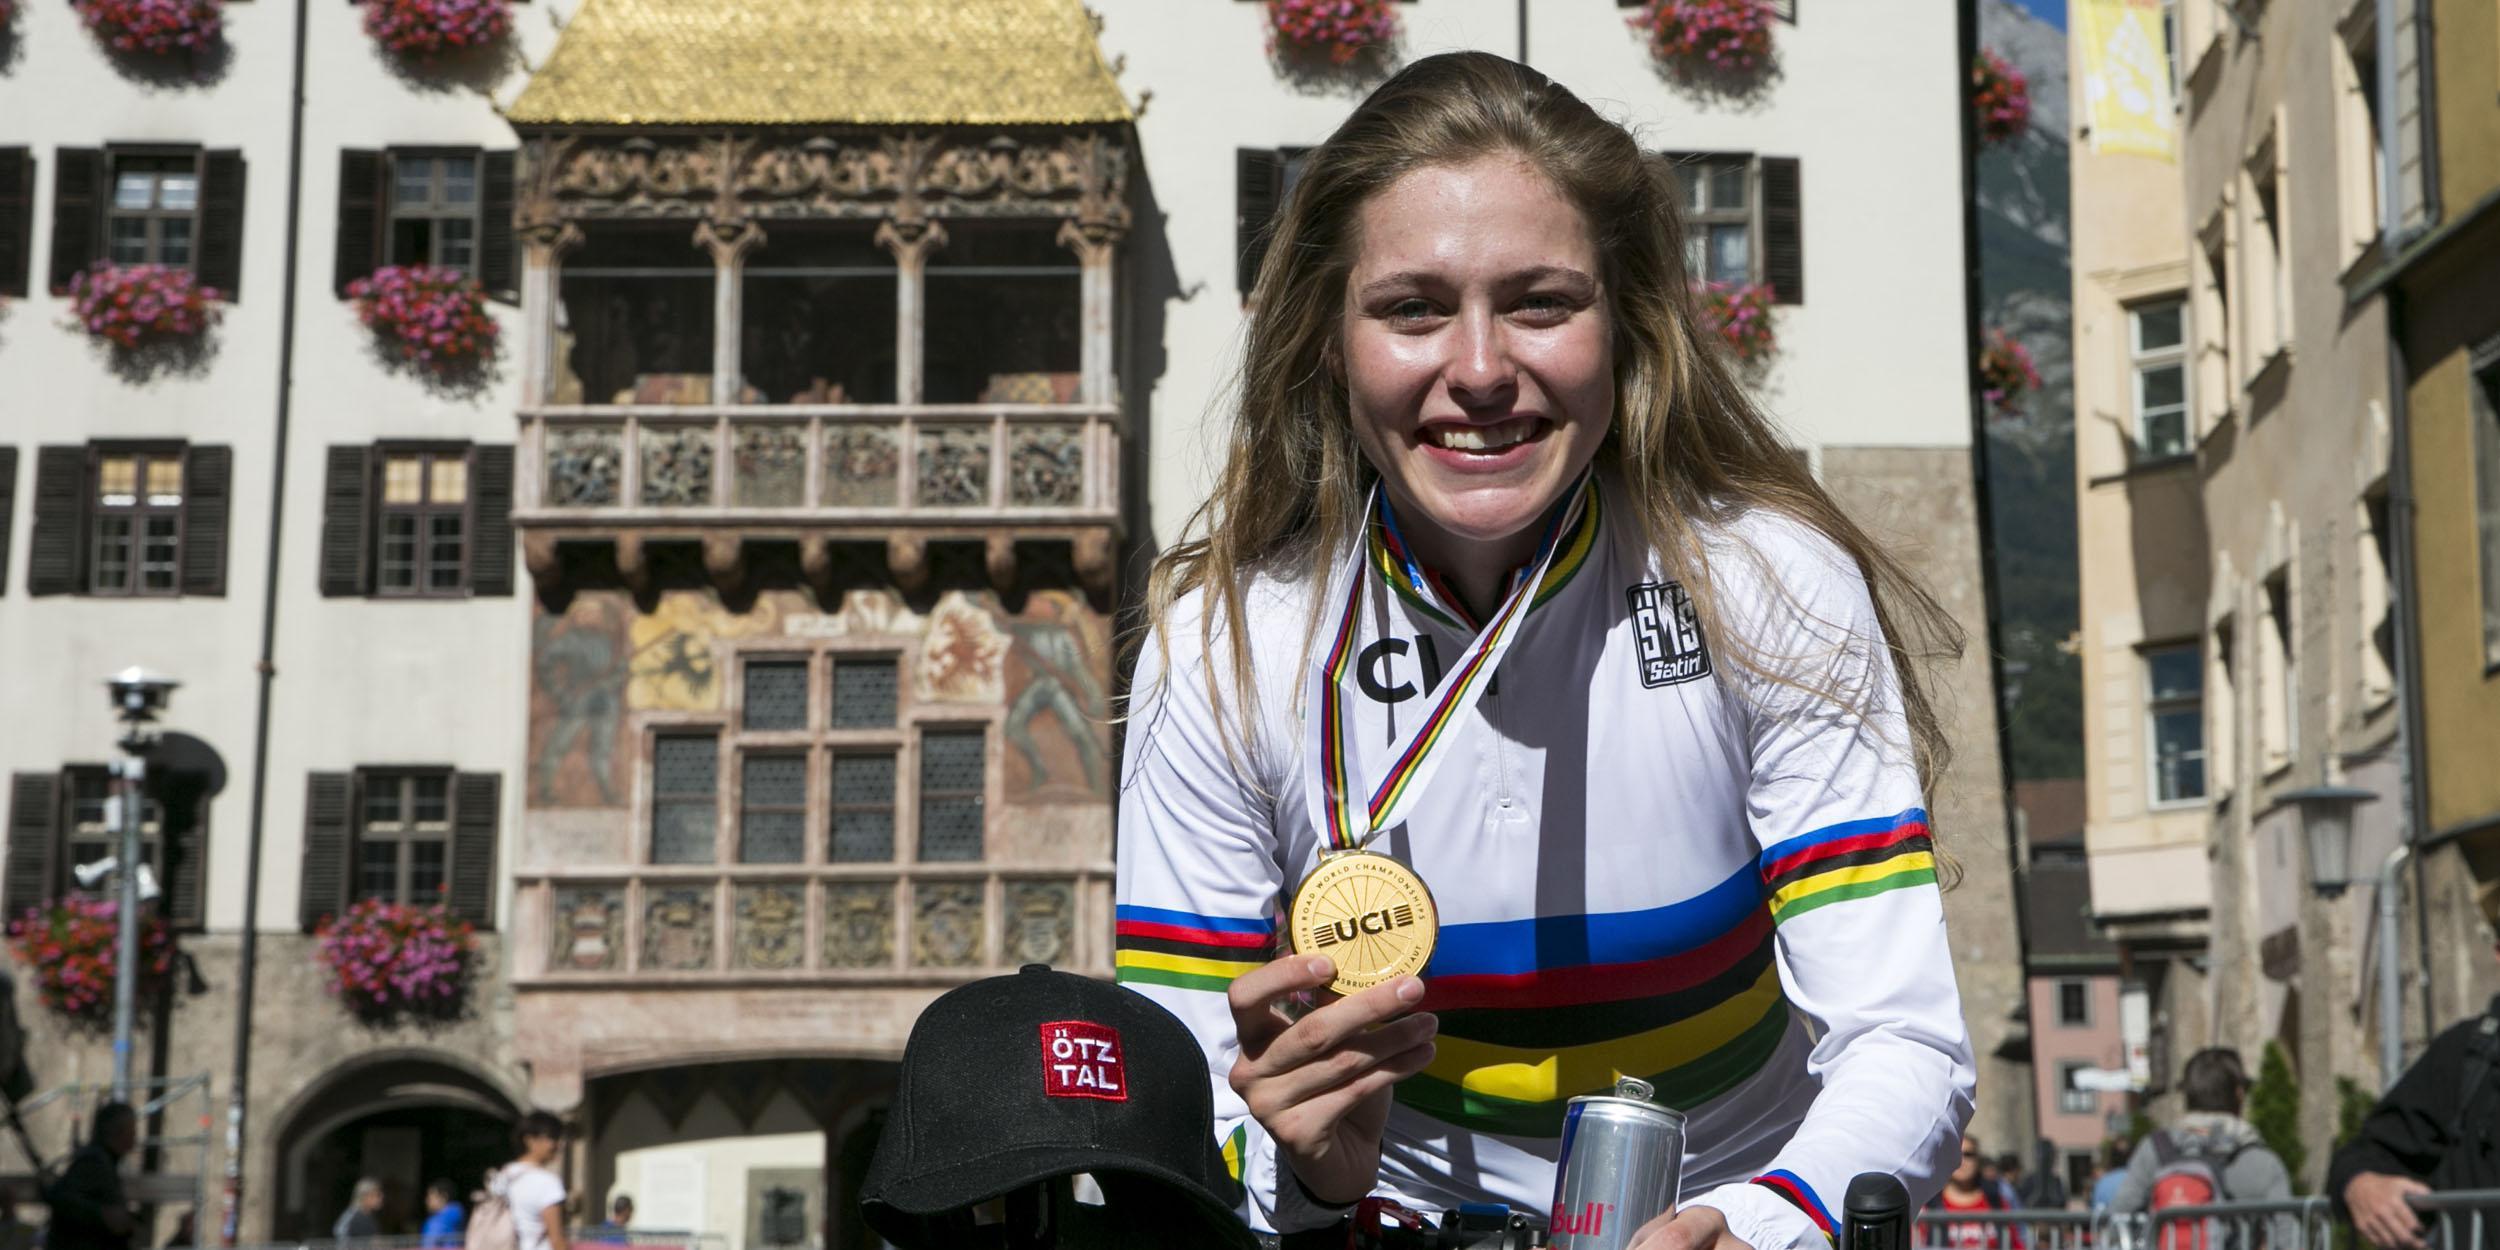 Radsportlerin des Jahres: Stigger